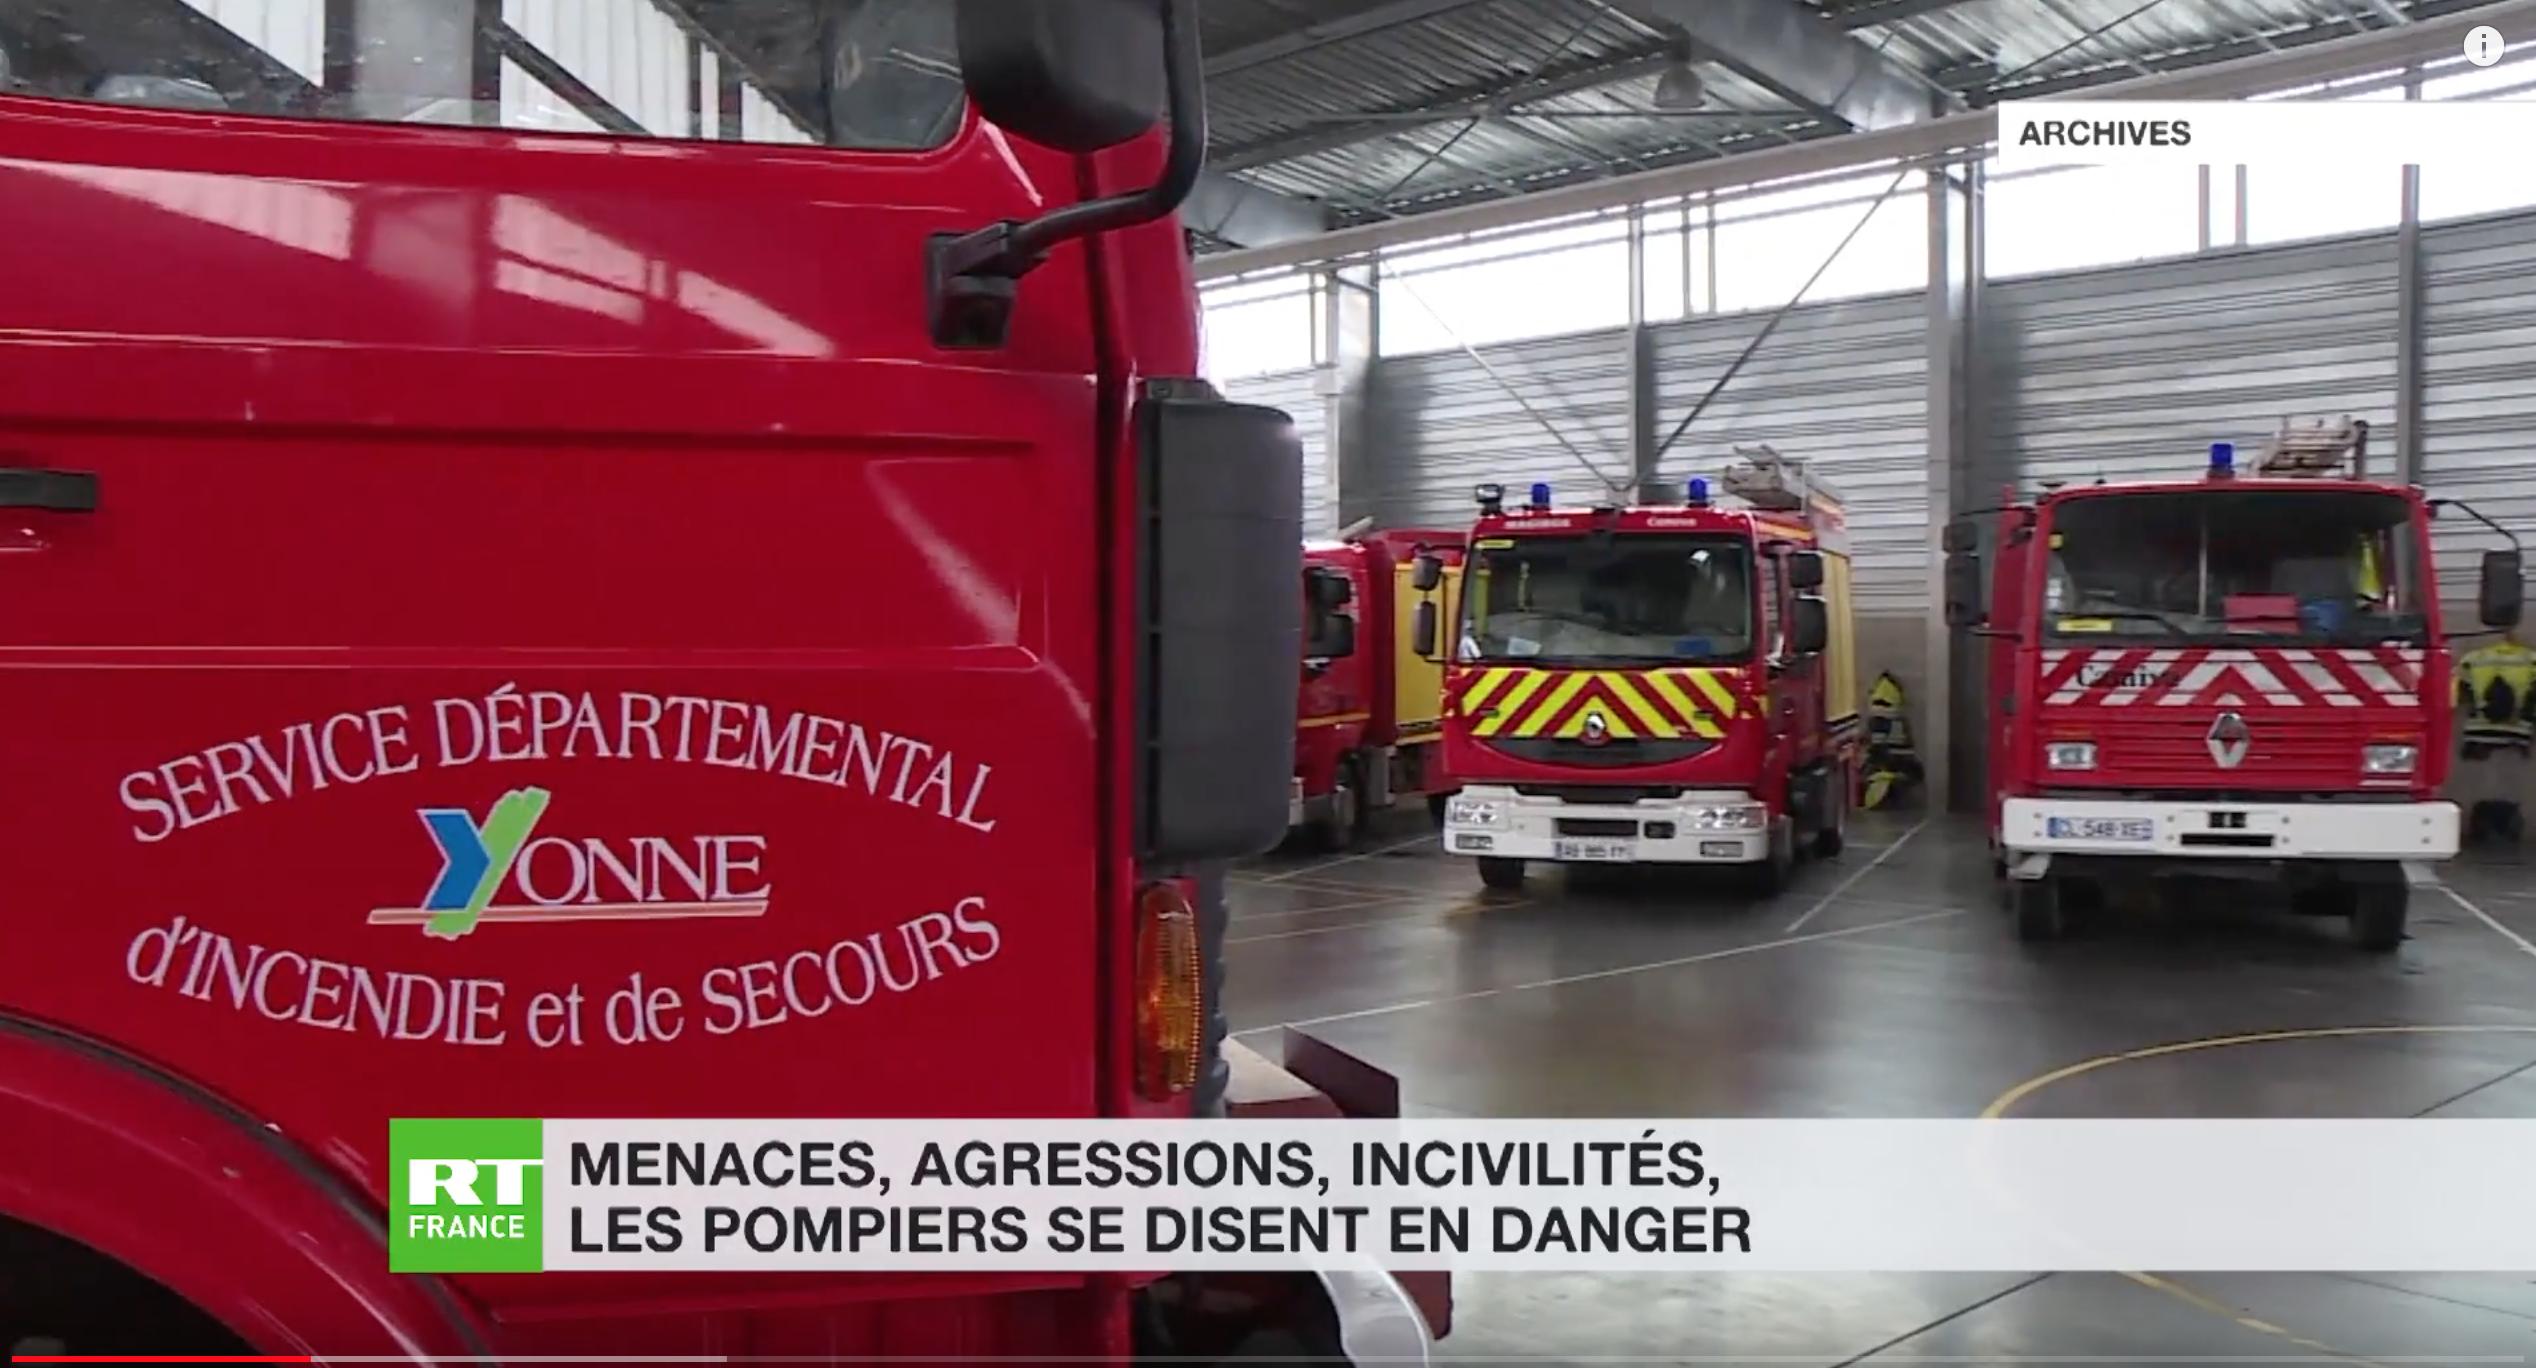 Pour le pompier syndicaliste Frédéric Monchy, si les pompiers sont agressés, c'est la faute à l'Etat